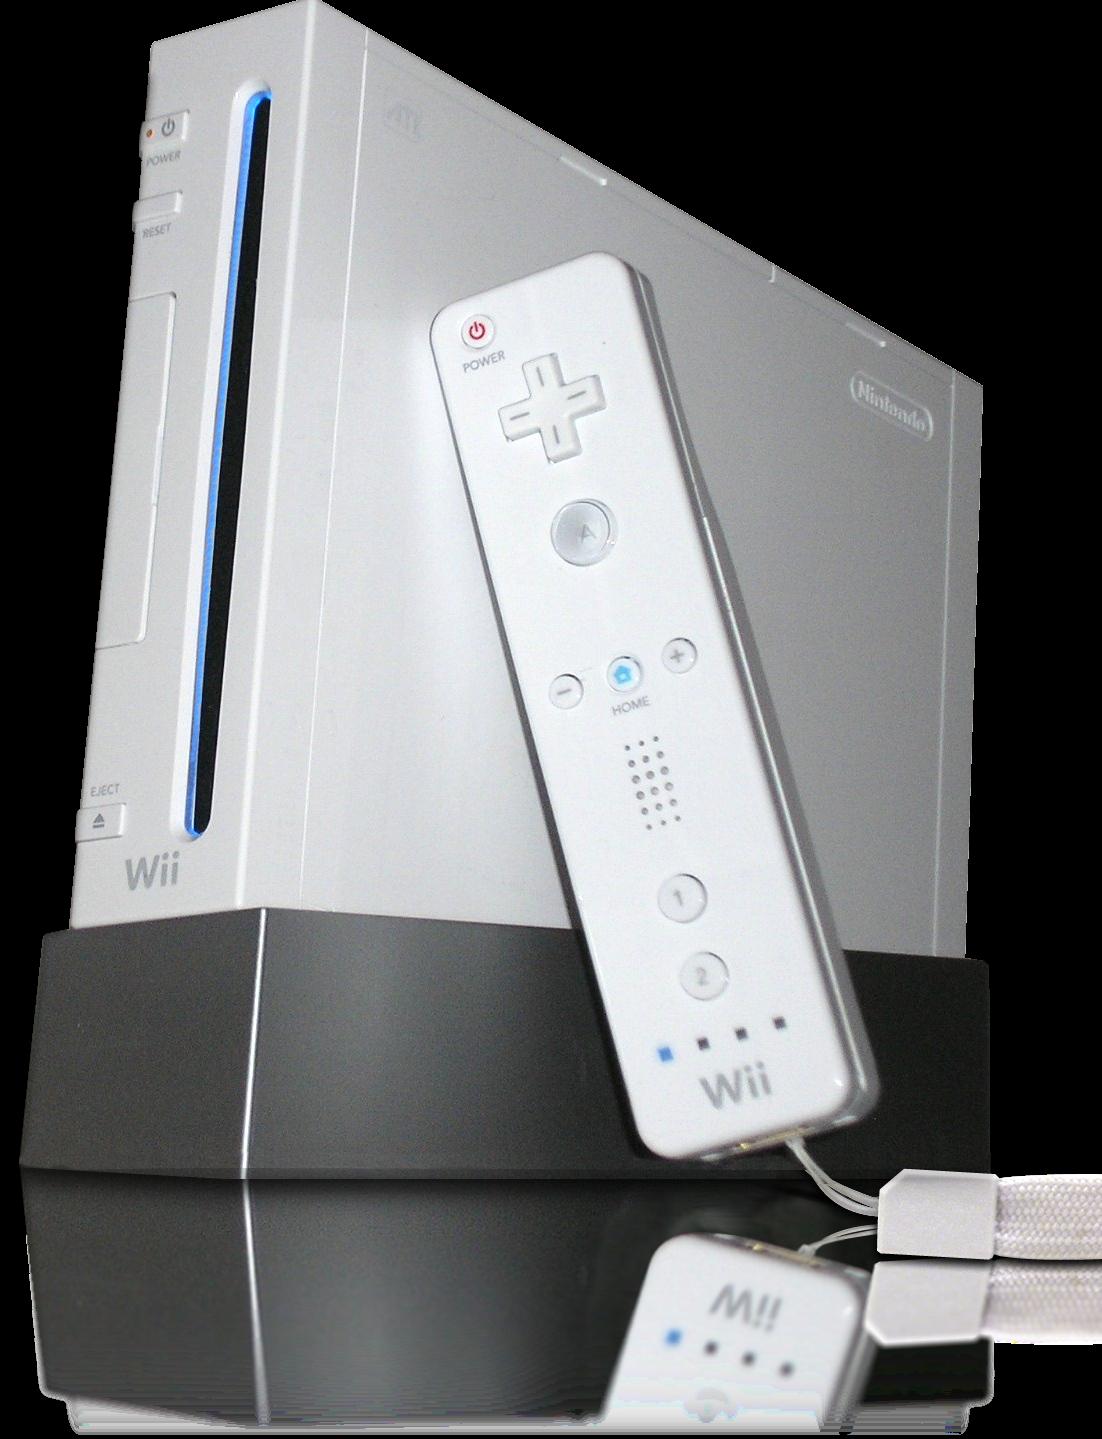 089fa927d263dc7c43a0_Wii.jpg